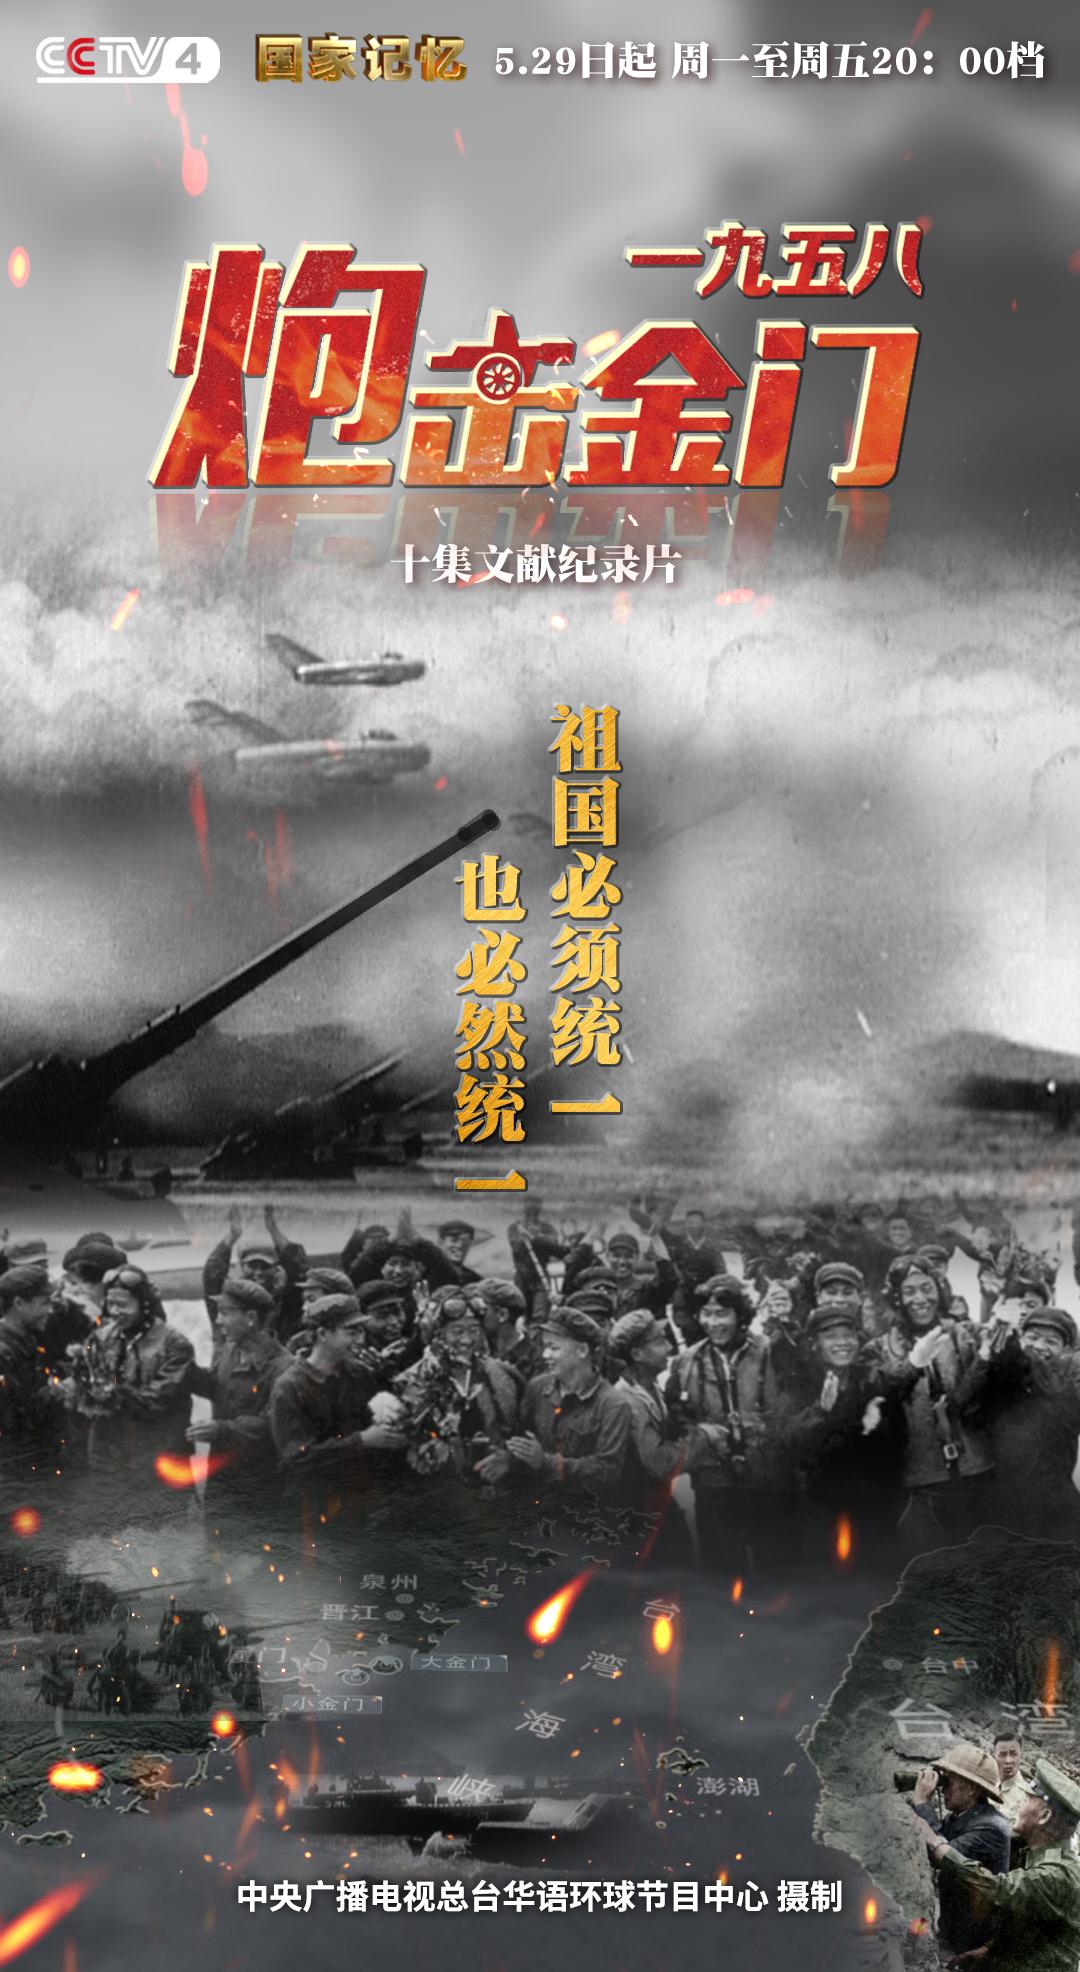 摩鑫注册,五摩鑫注册八炮击金门5月29日图片